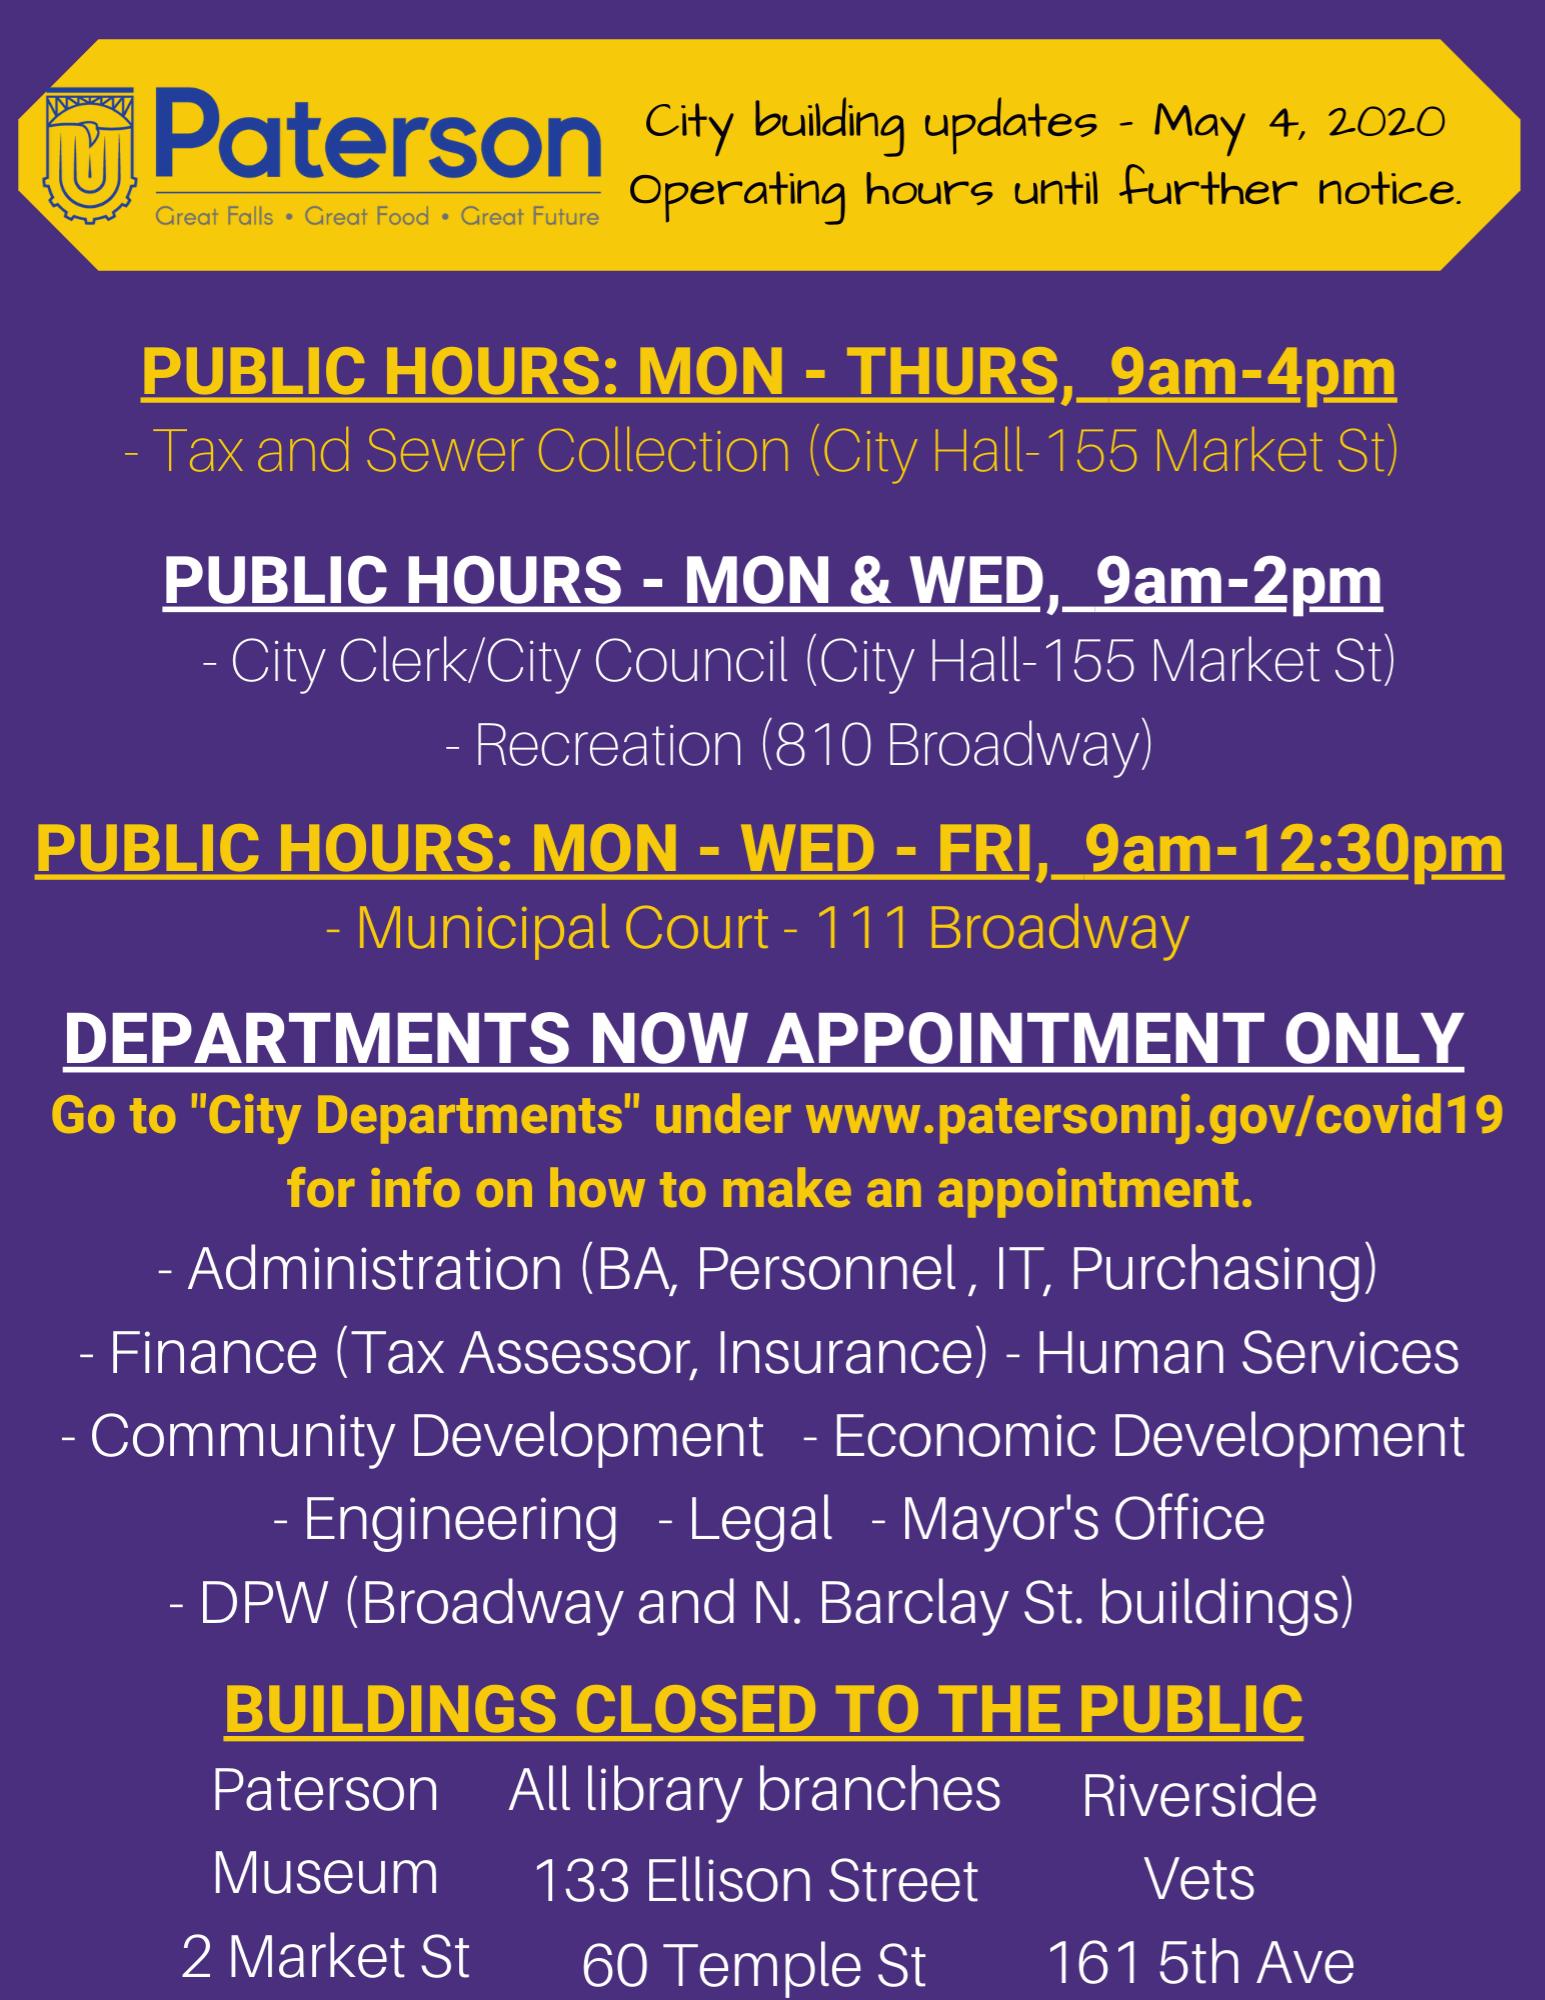 Building Hours updates